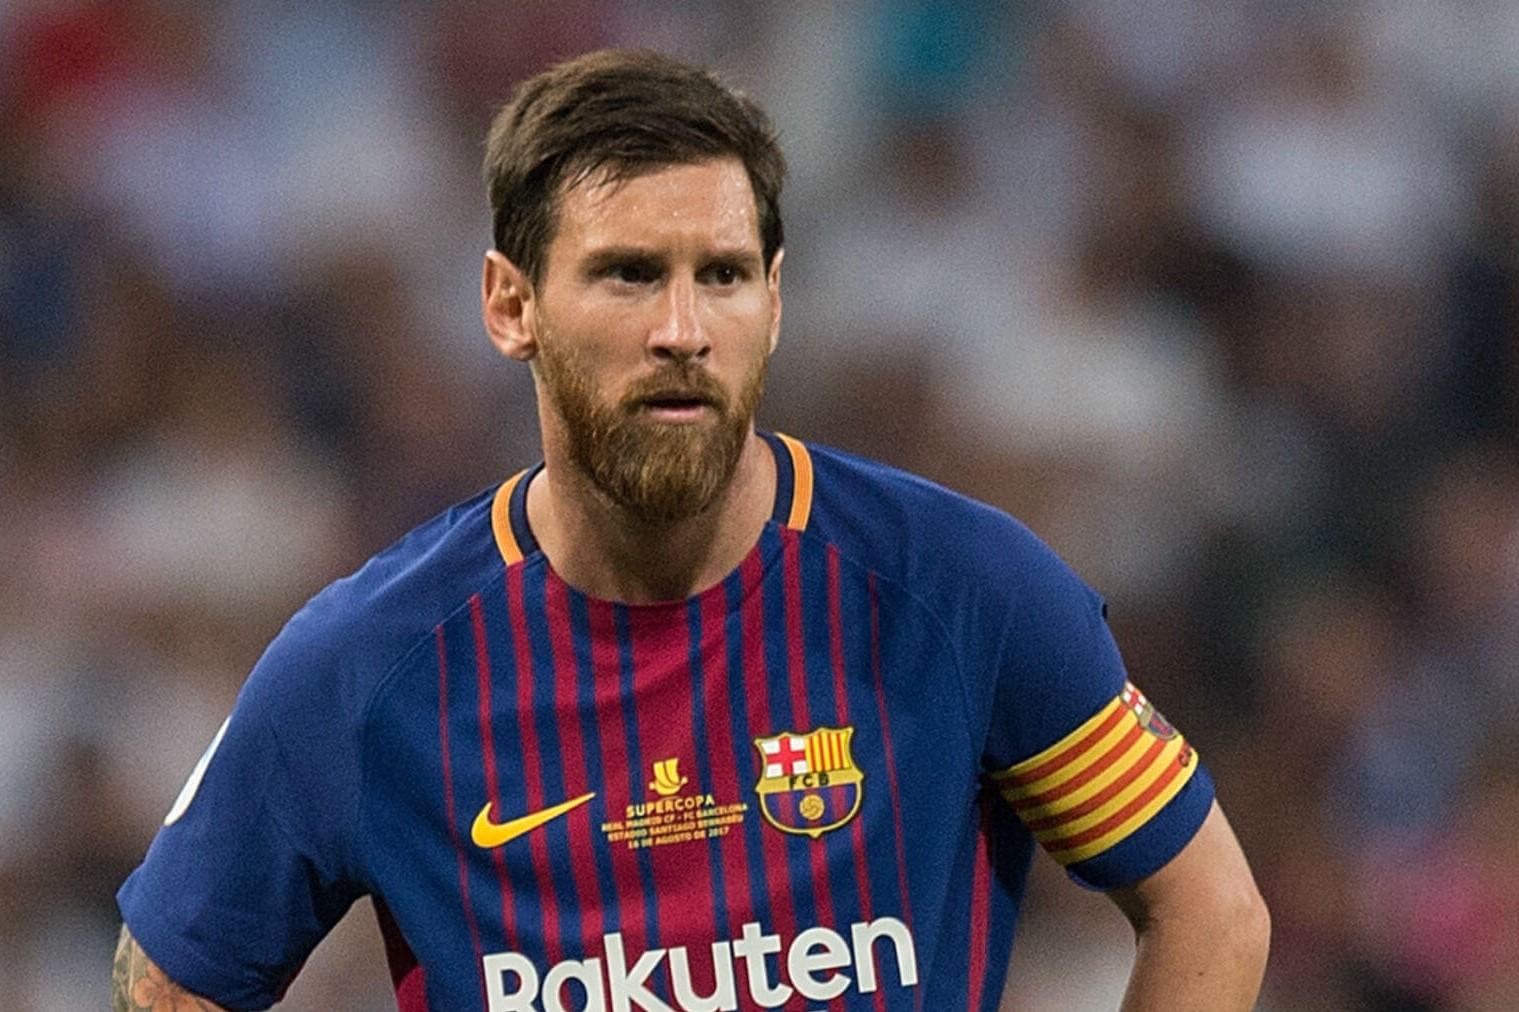 مسی خسته از بارسلونا در فکر ترک کردن تیم در پایان فصل!